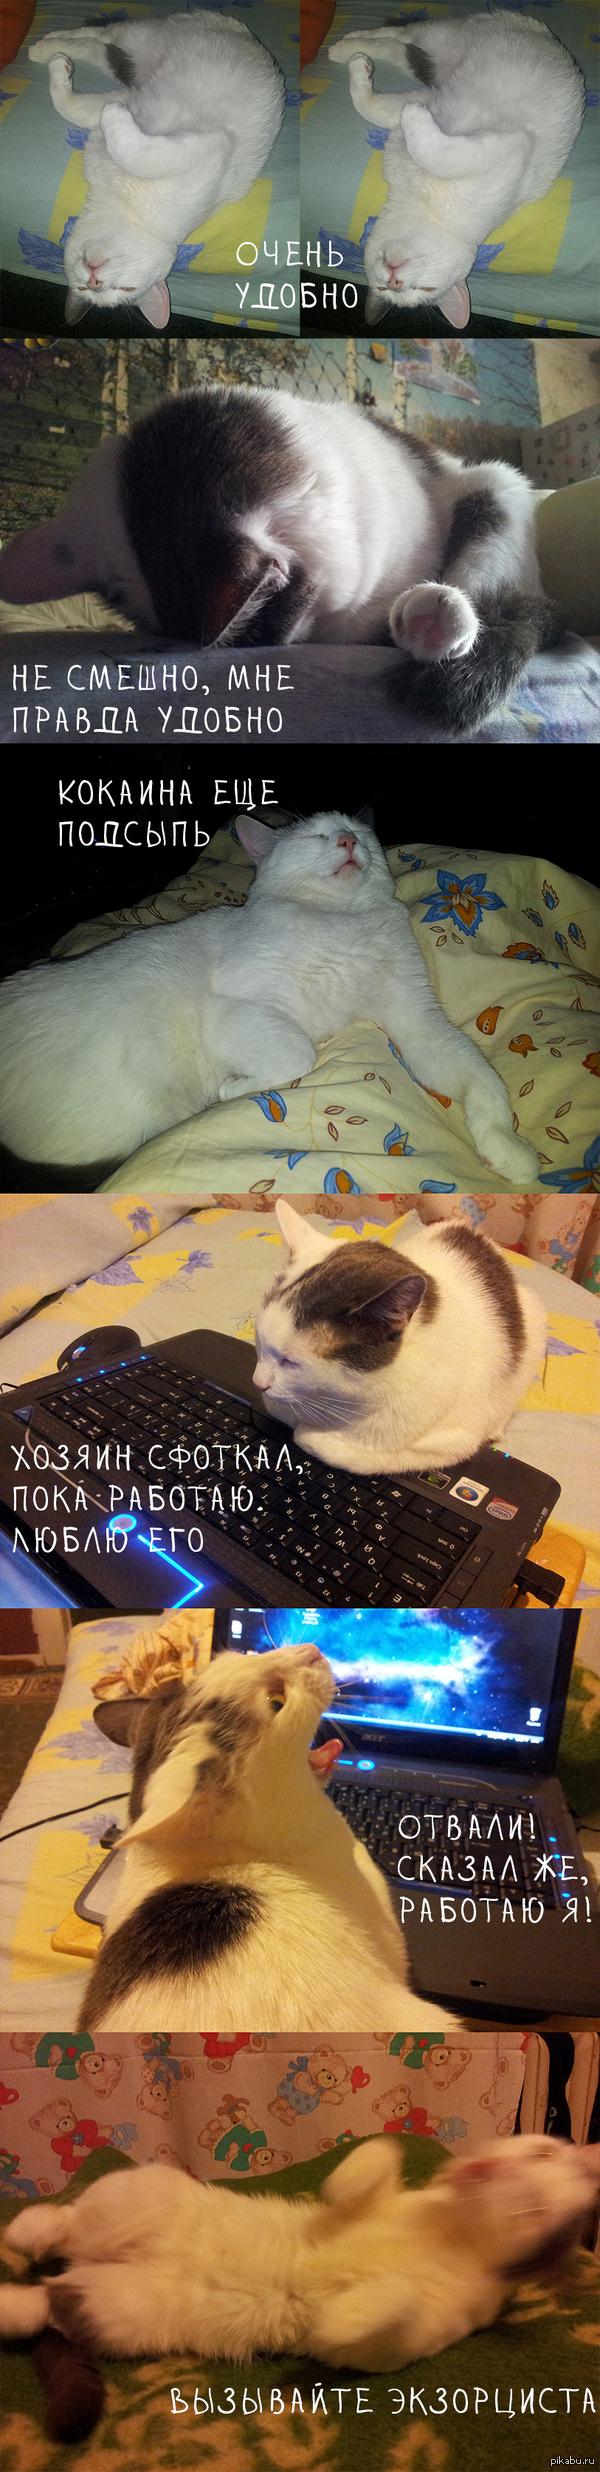 Чтоб я так жил или хочу быть котом. Подборка нелепых и эпичных поз моей котейки.